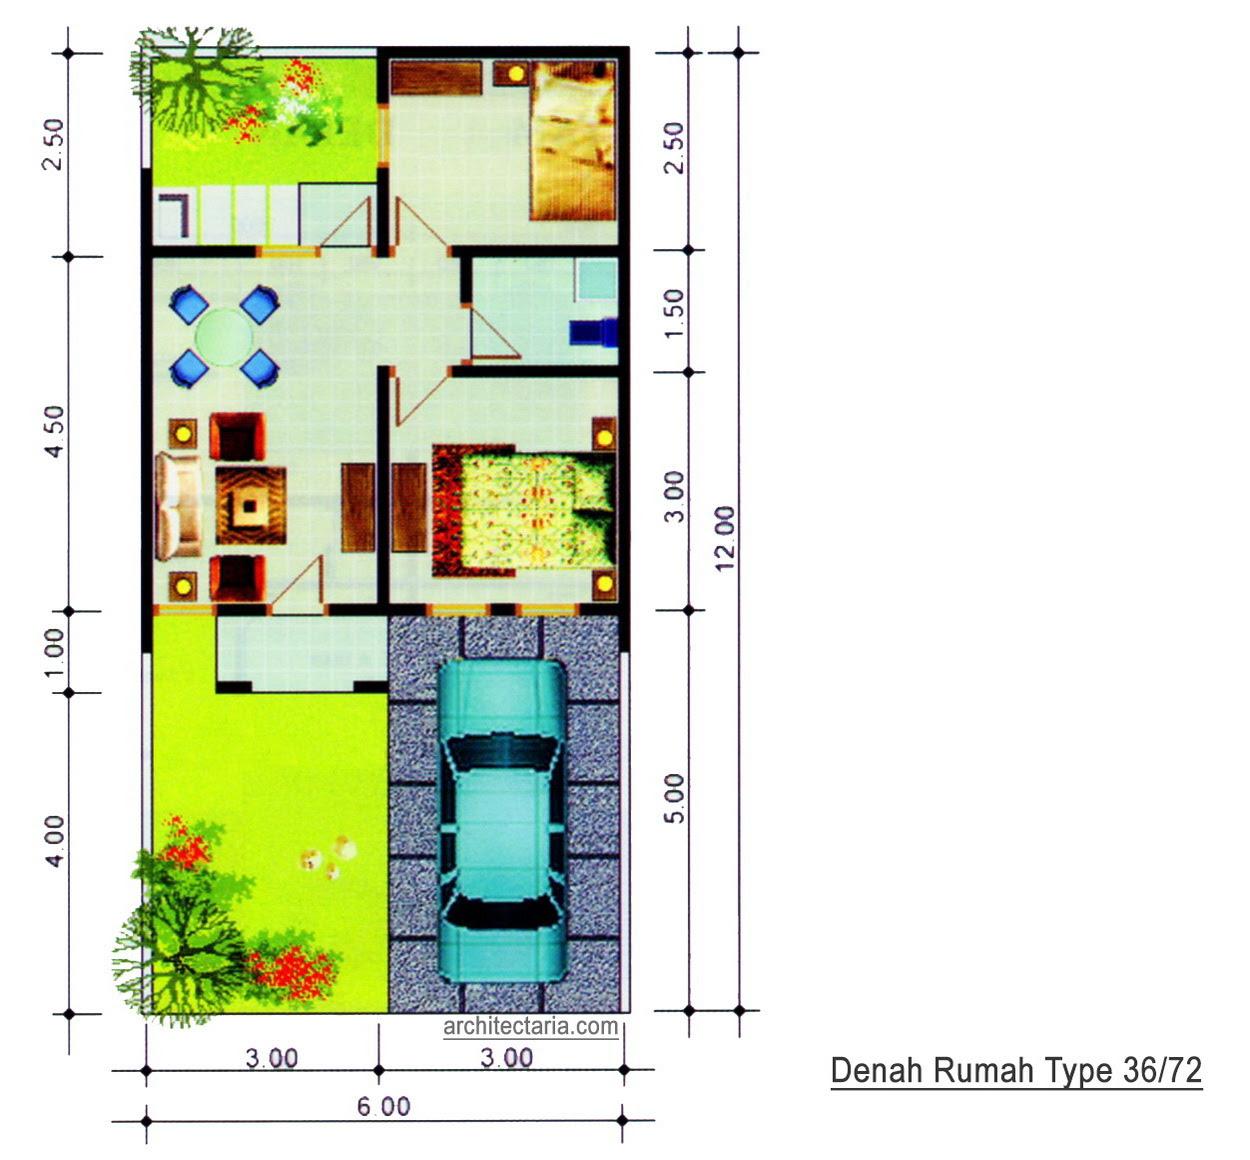 Desain Rumah Mungil Type 36 | PT. Architectaria Media Cipta